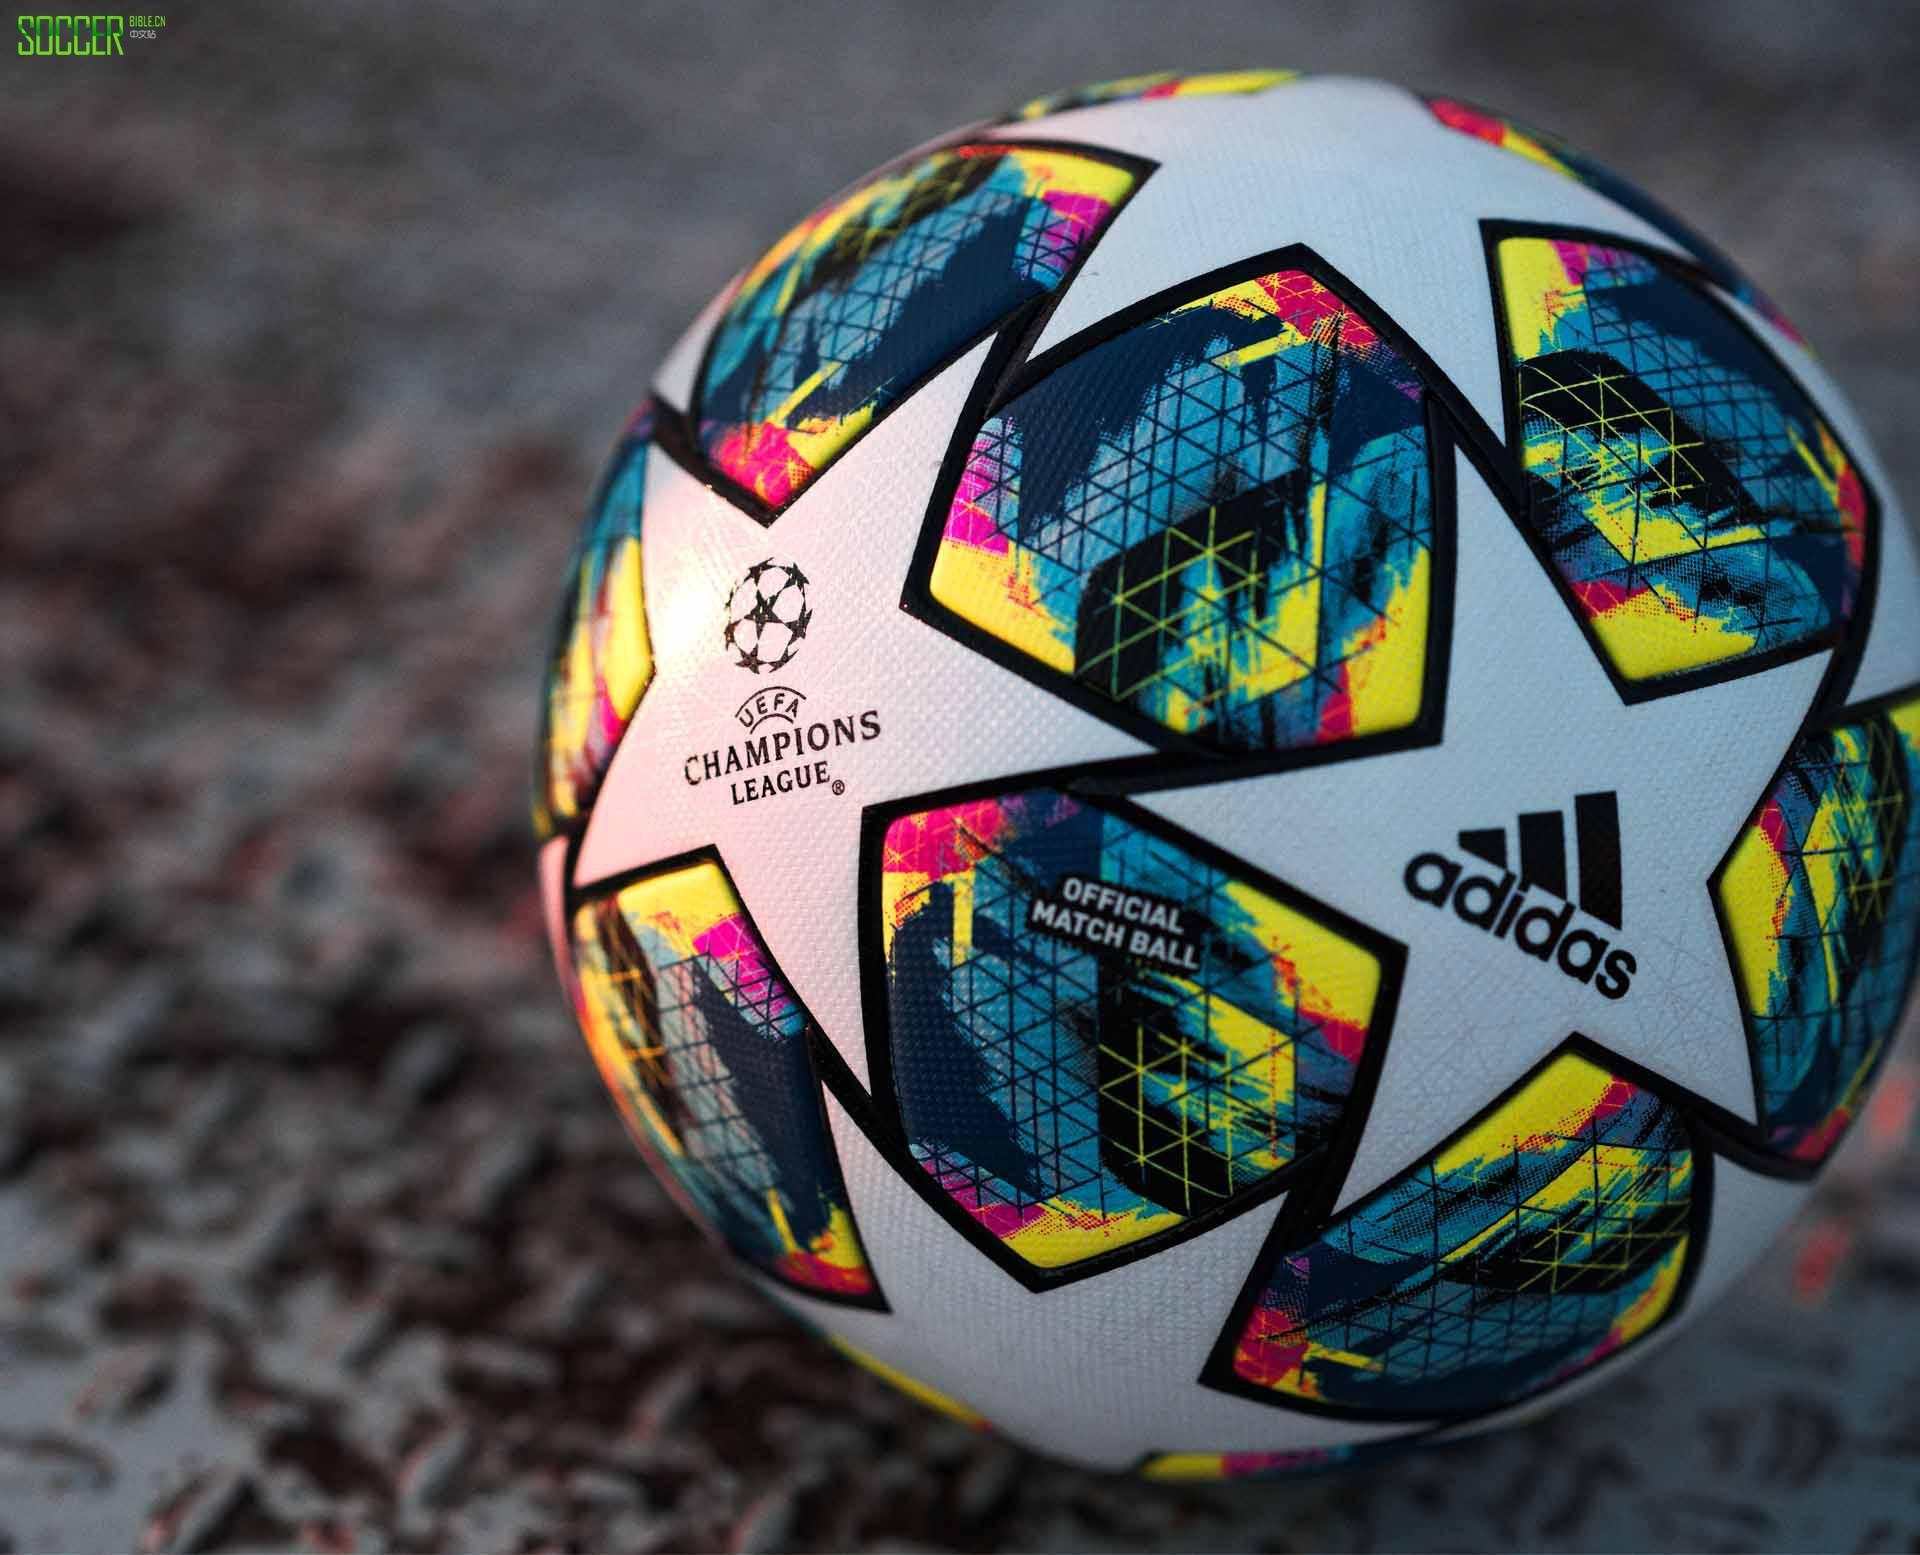 阿迪达斯发布2019/20欧冠比赛用球